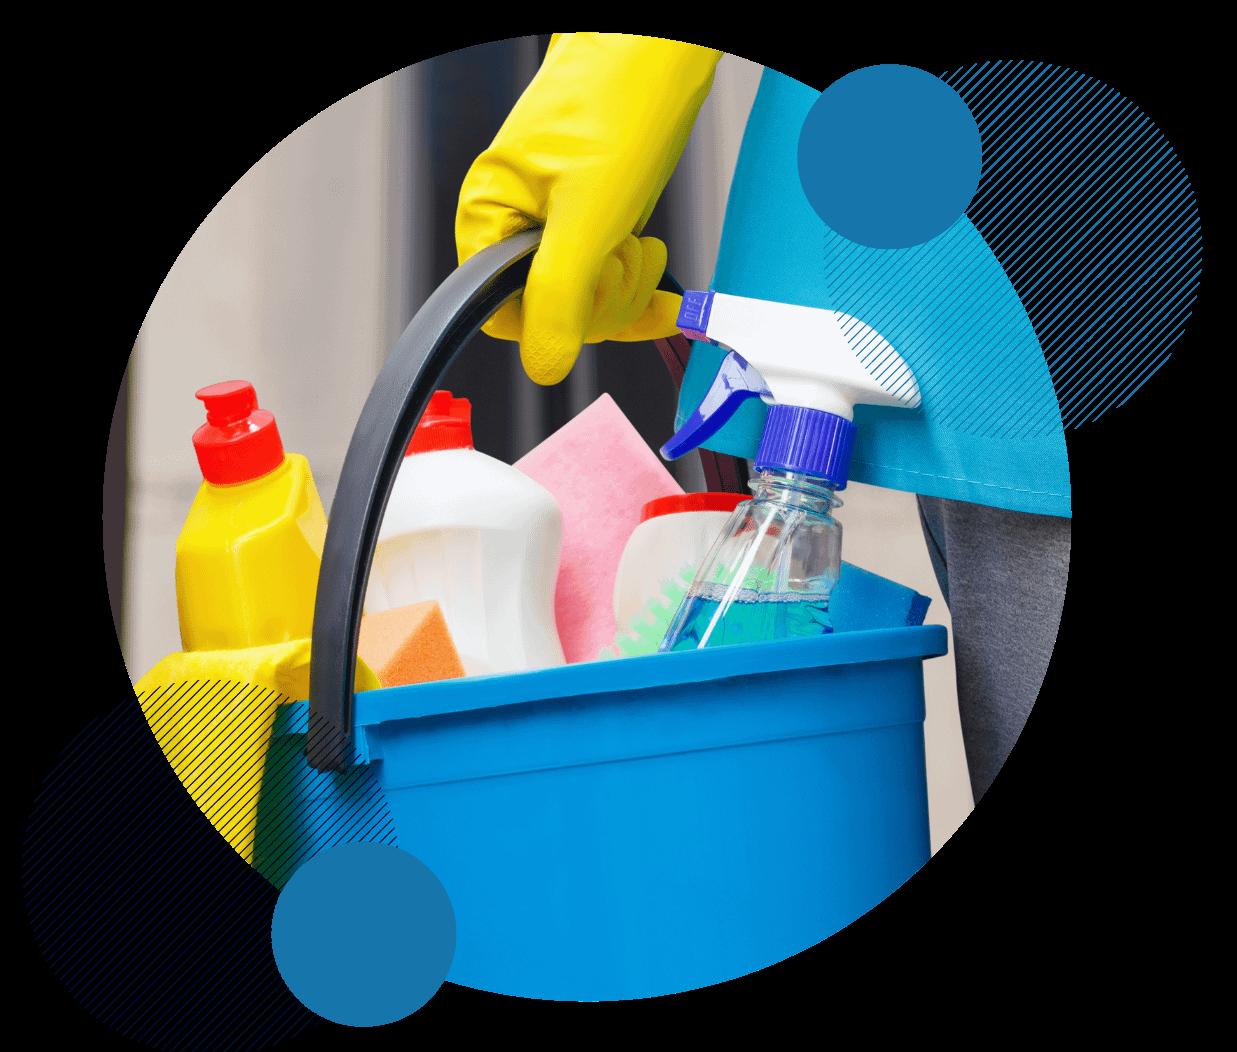 produits de nettoyage dans un bac